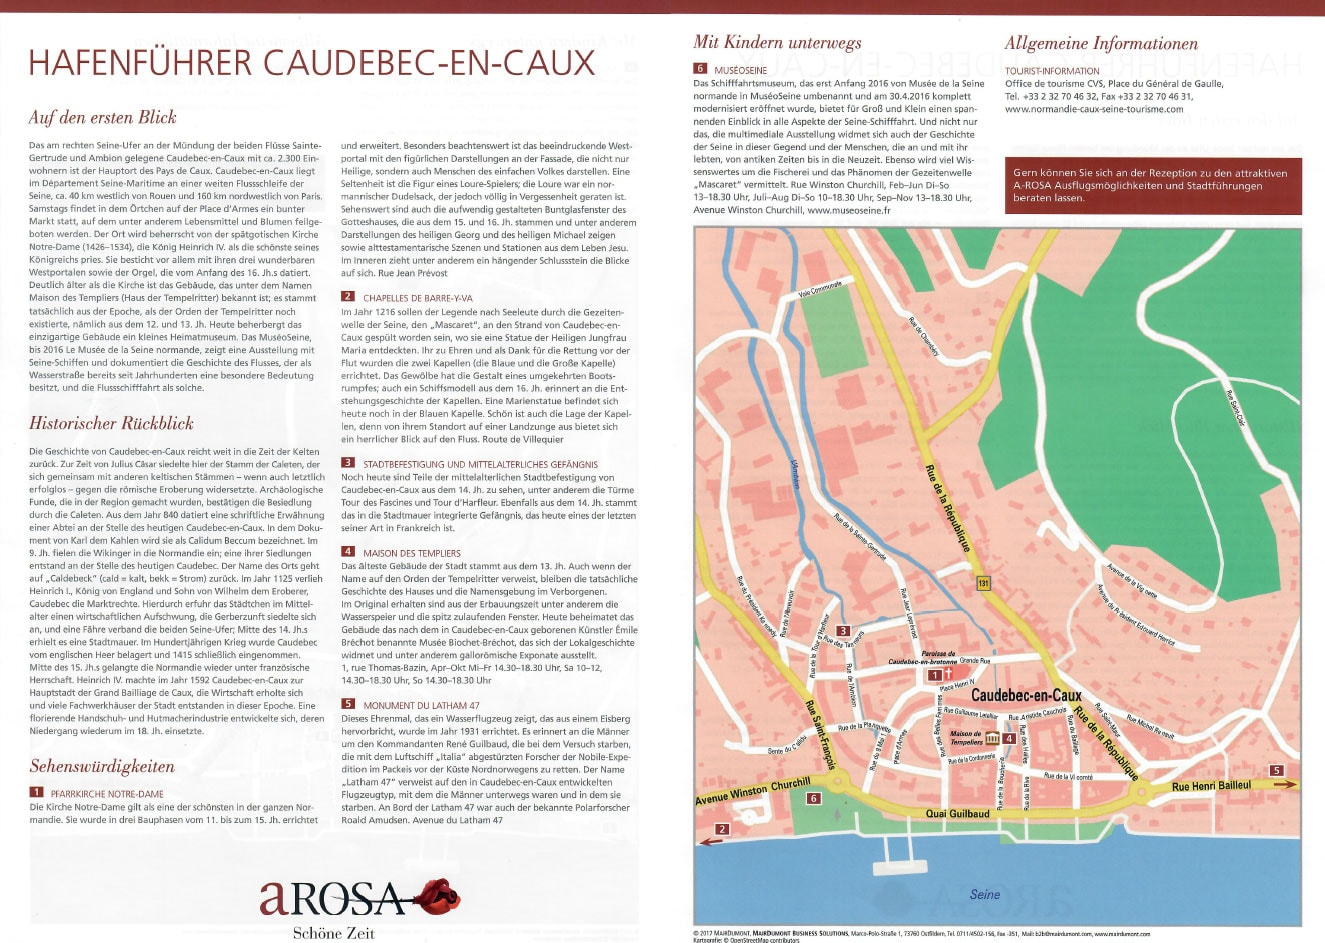 A-ROSA Hafenführer, Caudebec-en-Caux, Seine, Frankreich, Flusskreuzfahrt, Reisebericht